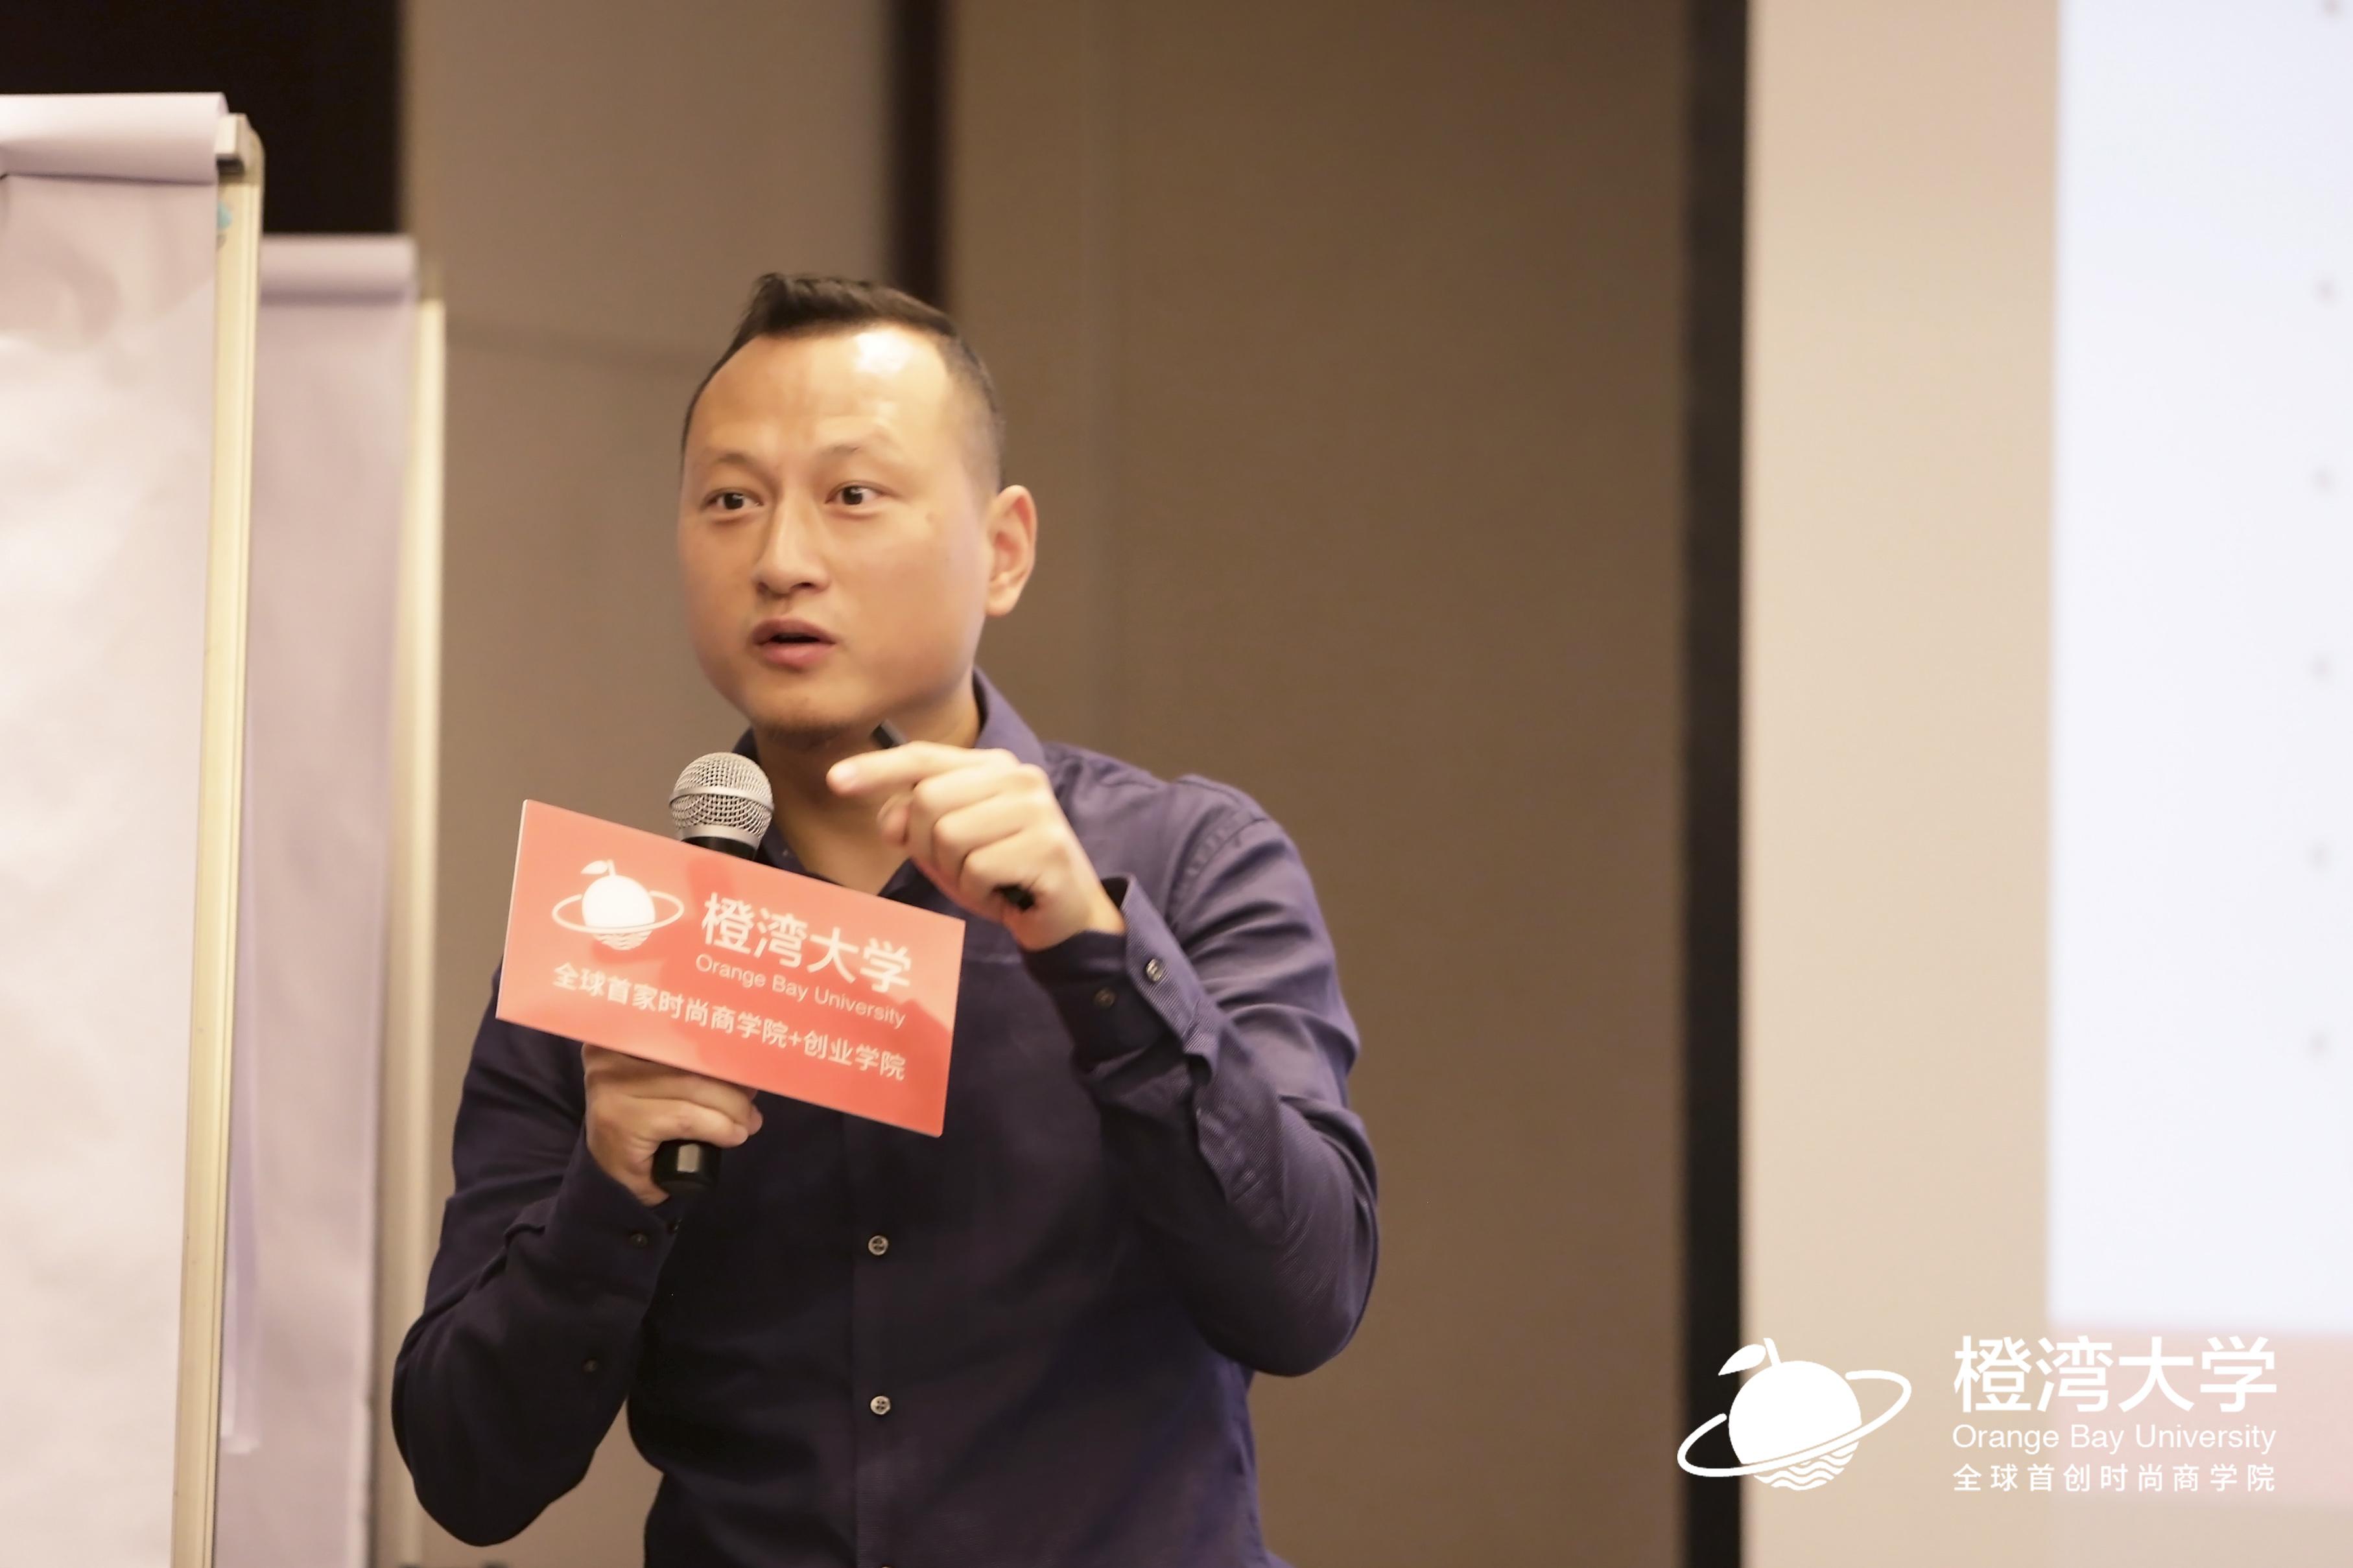 橙湾大学特聘讲师系列访谈:L Catterton Asia 高级运营副总裁陈严